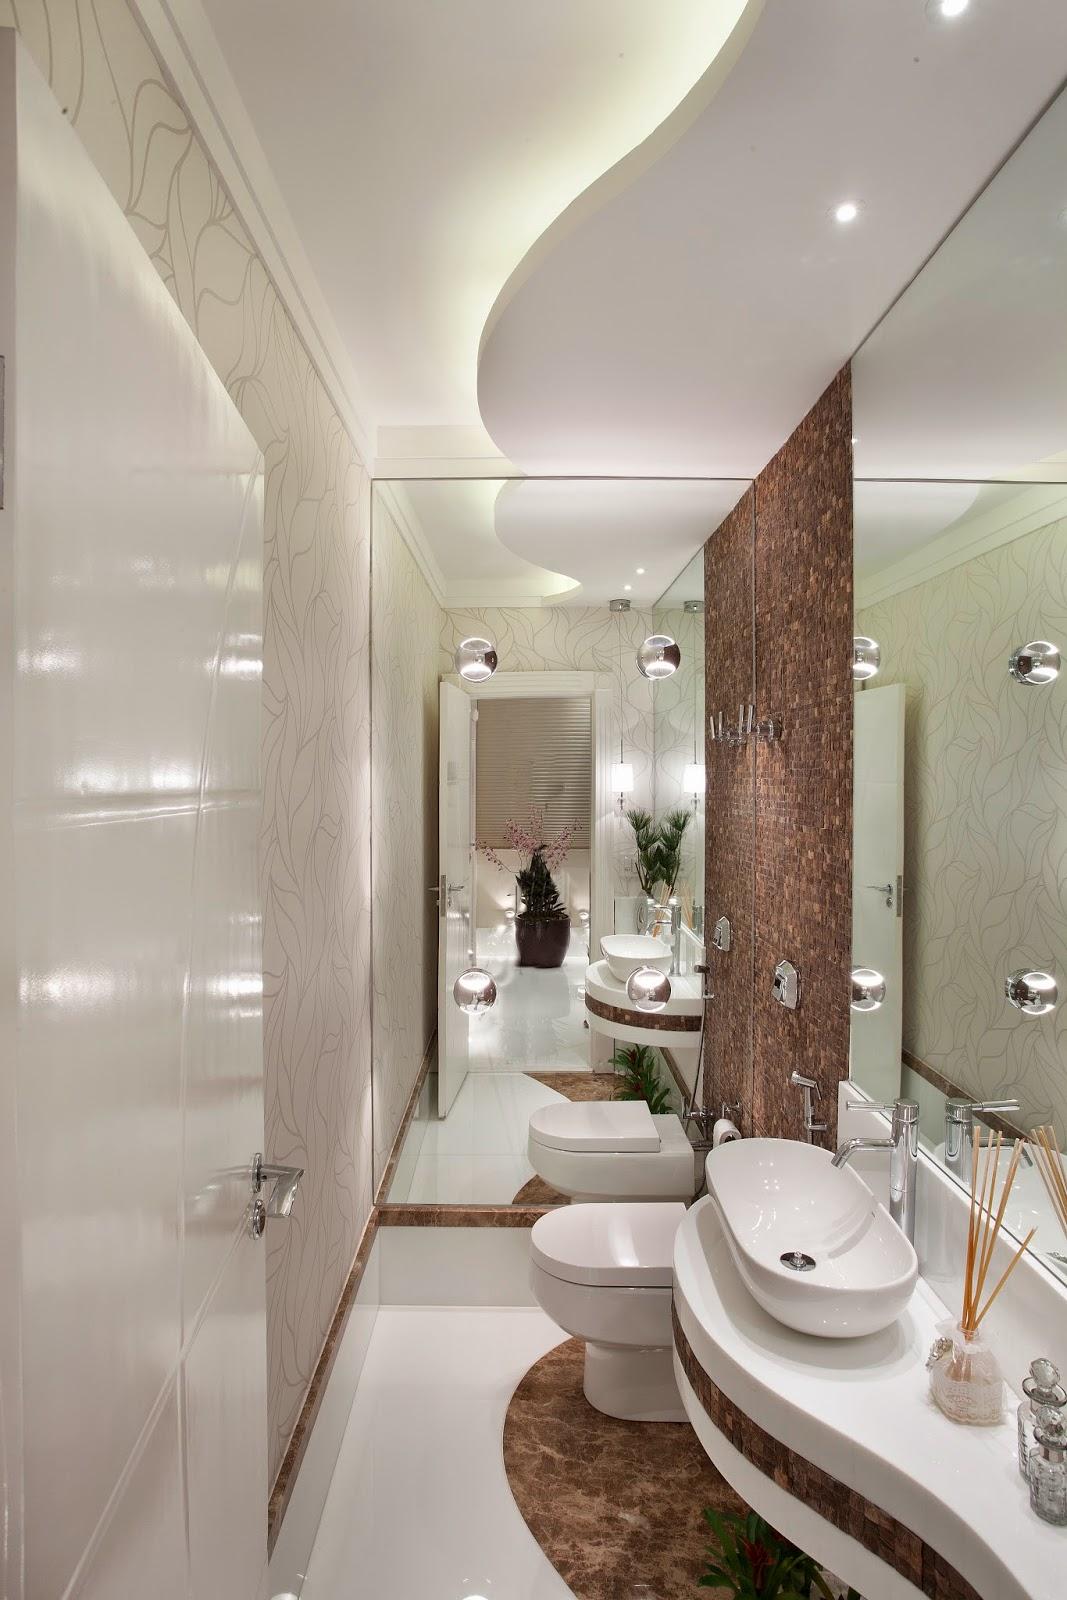 30 Lavabos pequenos e modernos veja dicas de como ousar e decorar  #3C2B1B 1067x1600 Banheiro Branco E Marron